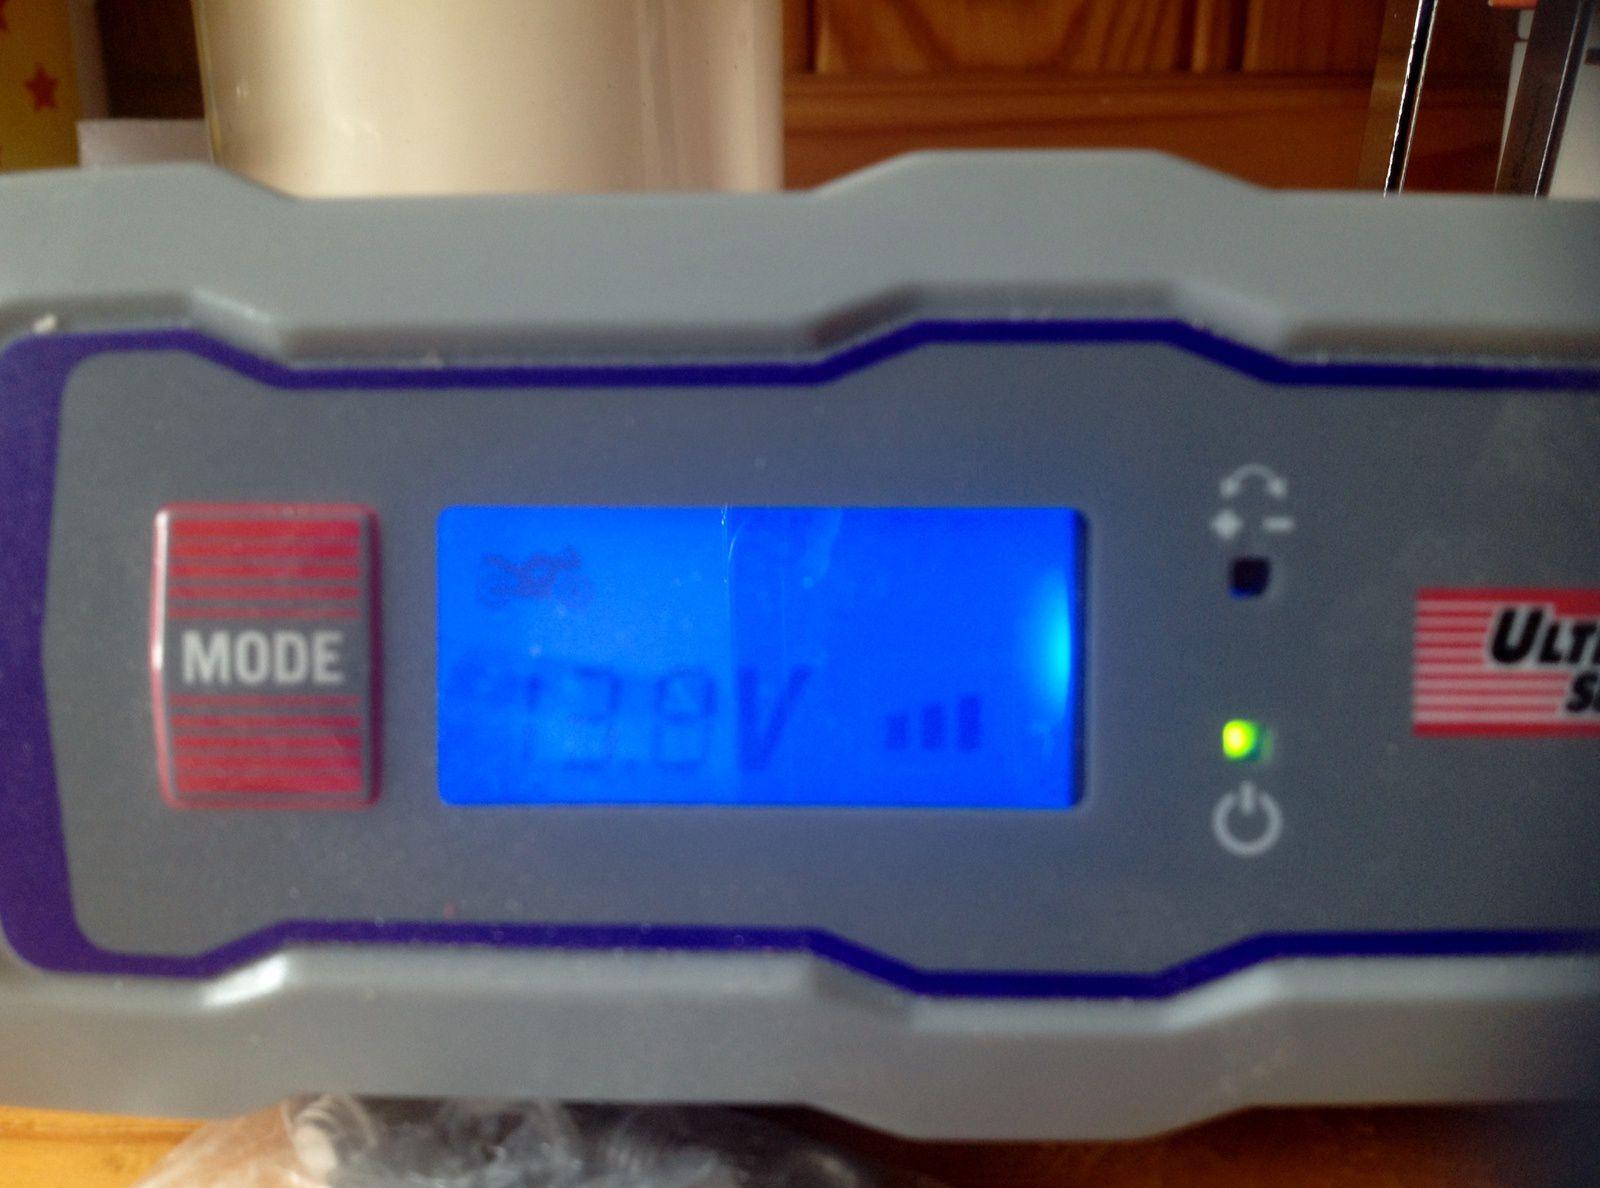 Goldwing 1800 - Changer la batterie 12V 18AH